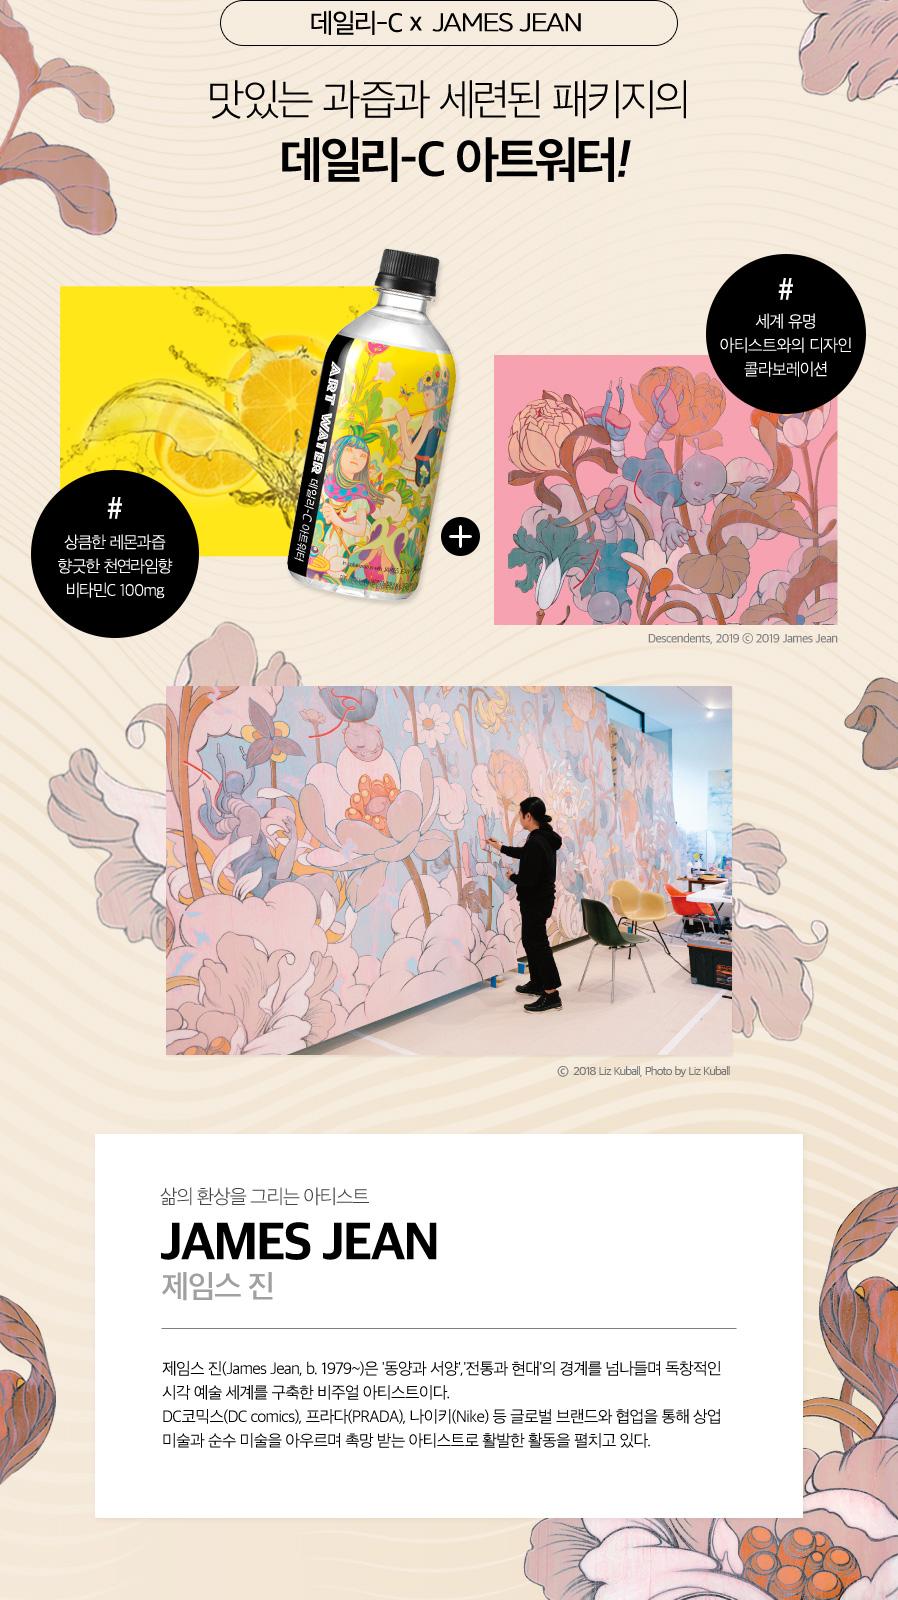 데일리-C X JAMES JEAN. 맛있는 과즙과 세련된 패키지의 데일리C 아트워터. 상큼한 레몬과즙, 향긋한 천연라임향 비타민C 100mg. 세계 유명 아티스트와의 디자인 콜라보레이션.